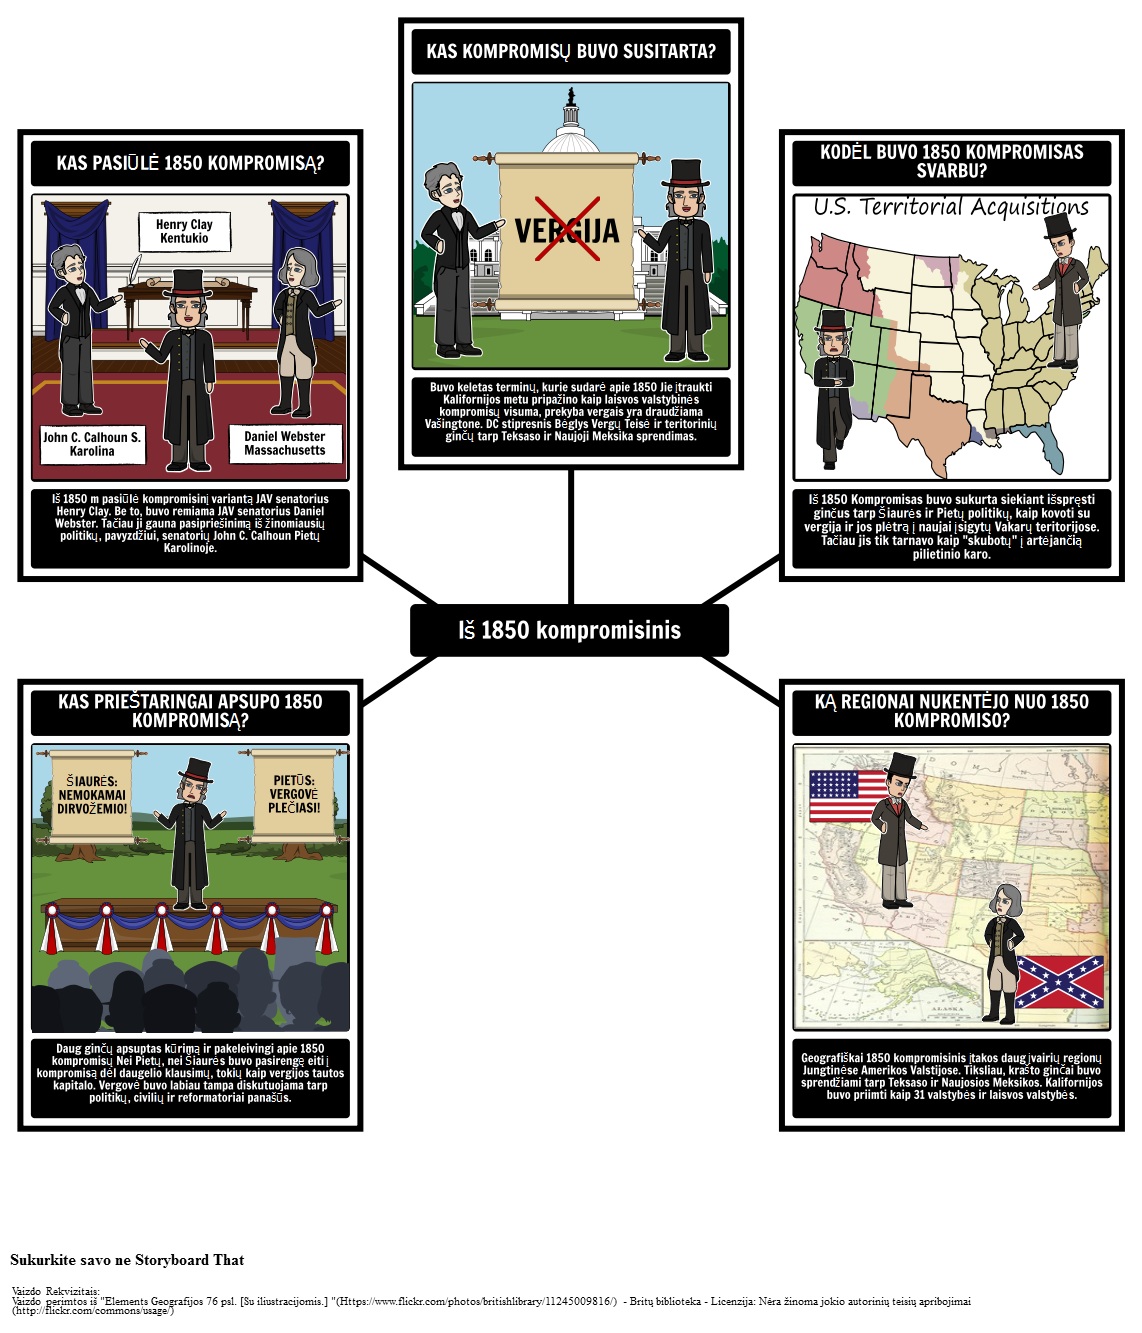 1850 Amerika - Dėl 1850 kompromisinis